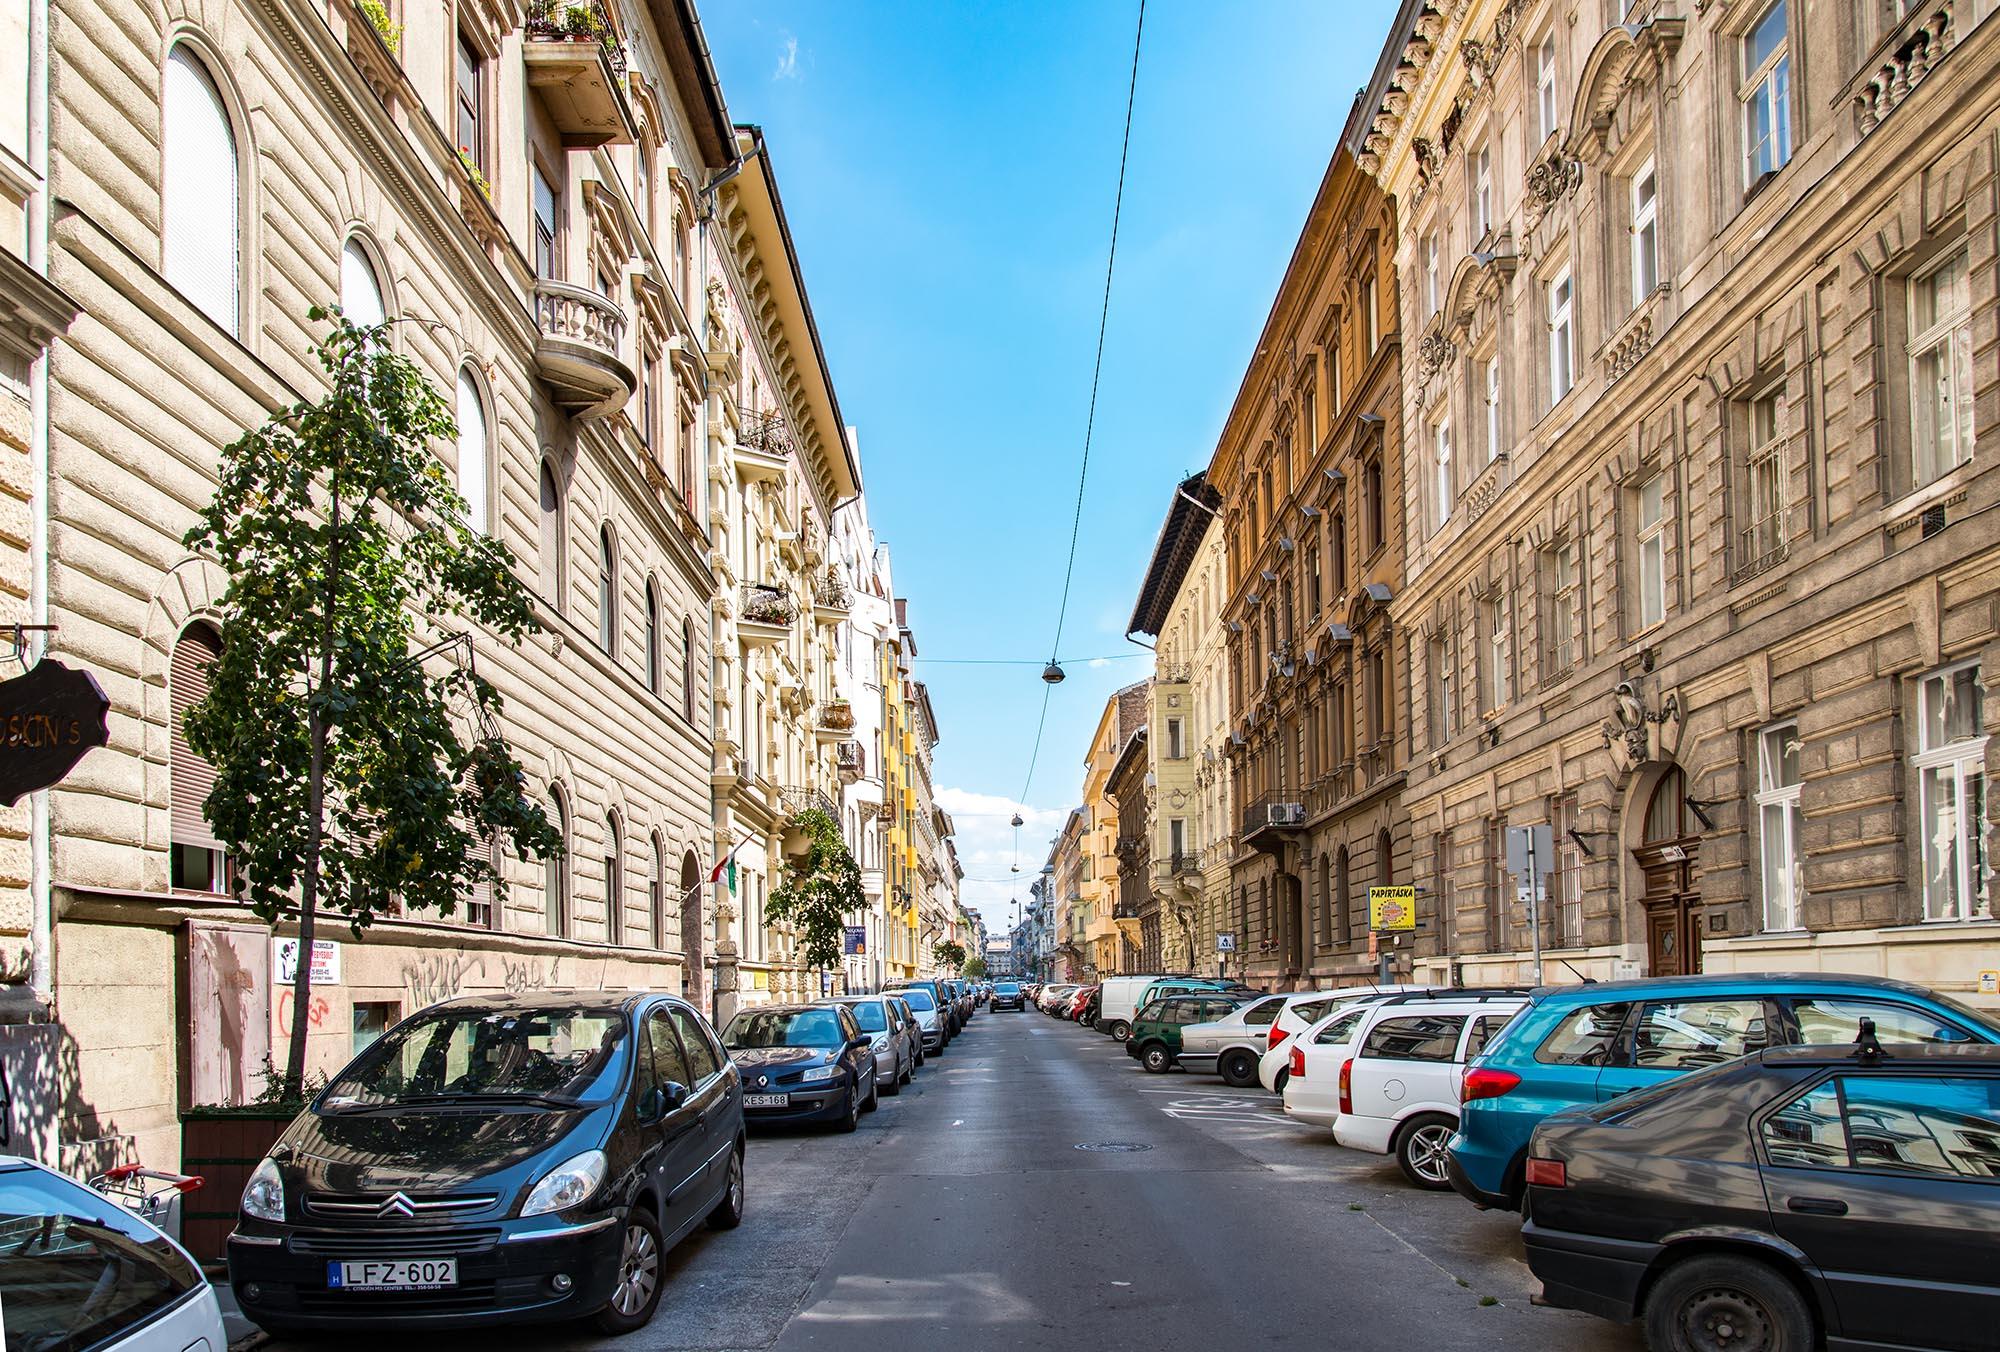 District 6, Eötvös utca 35. A